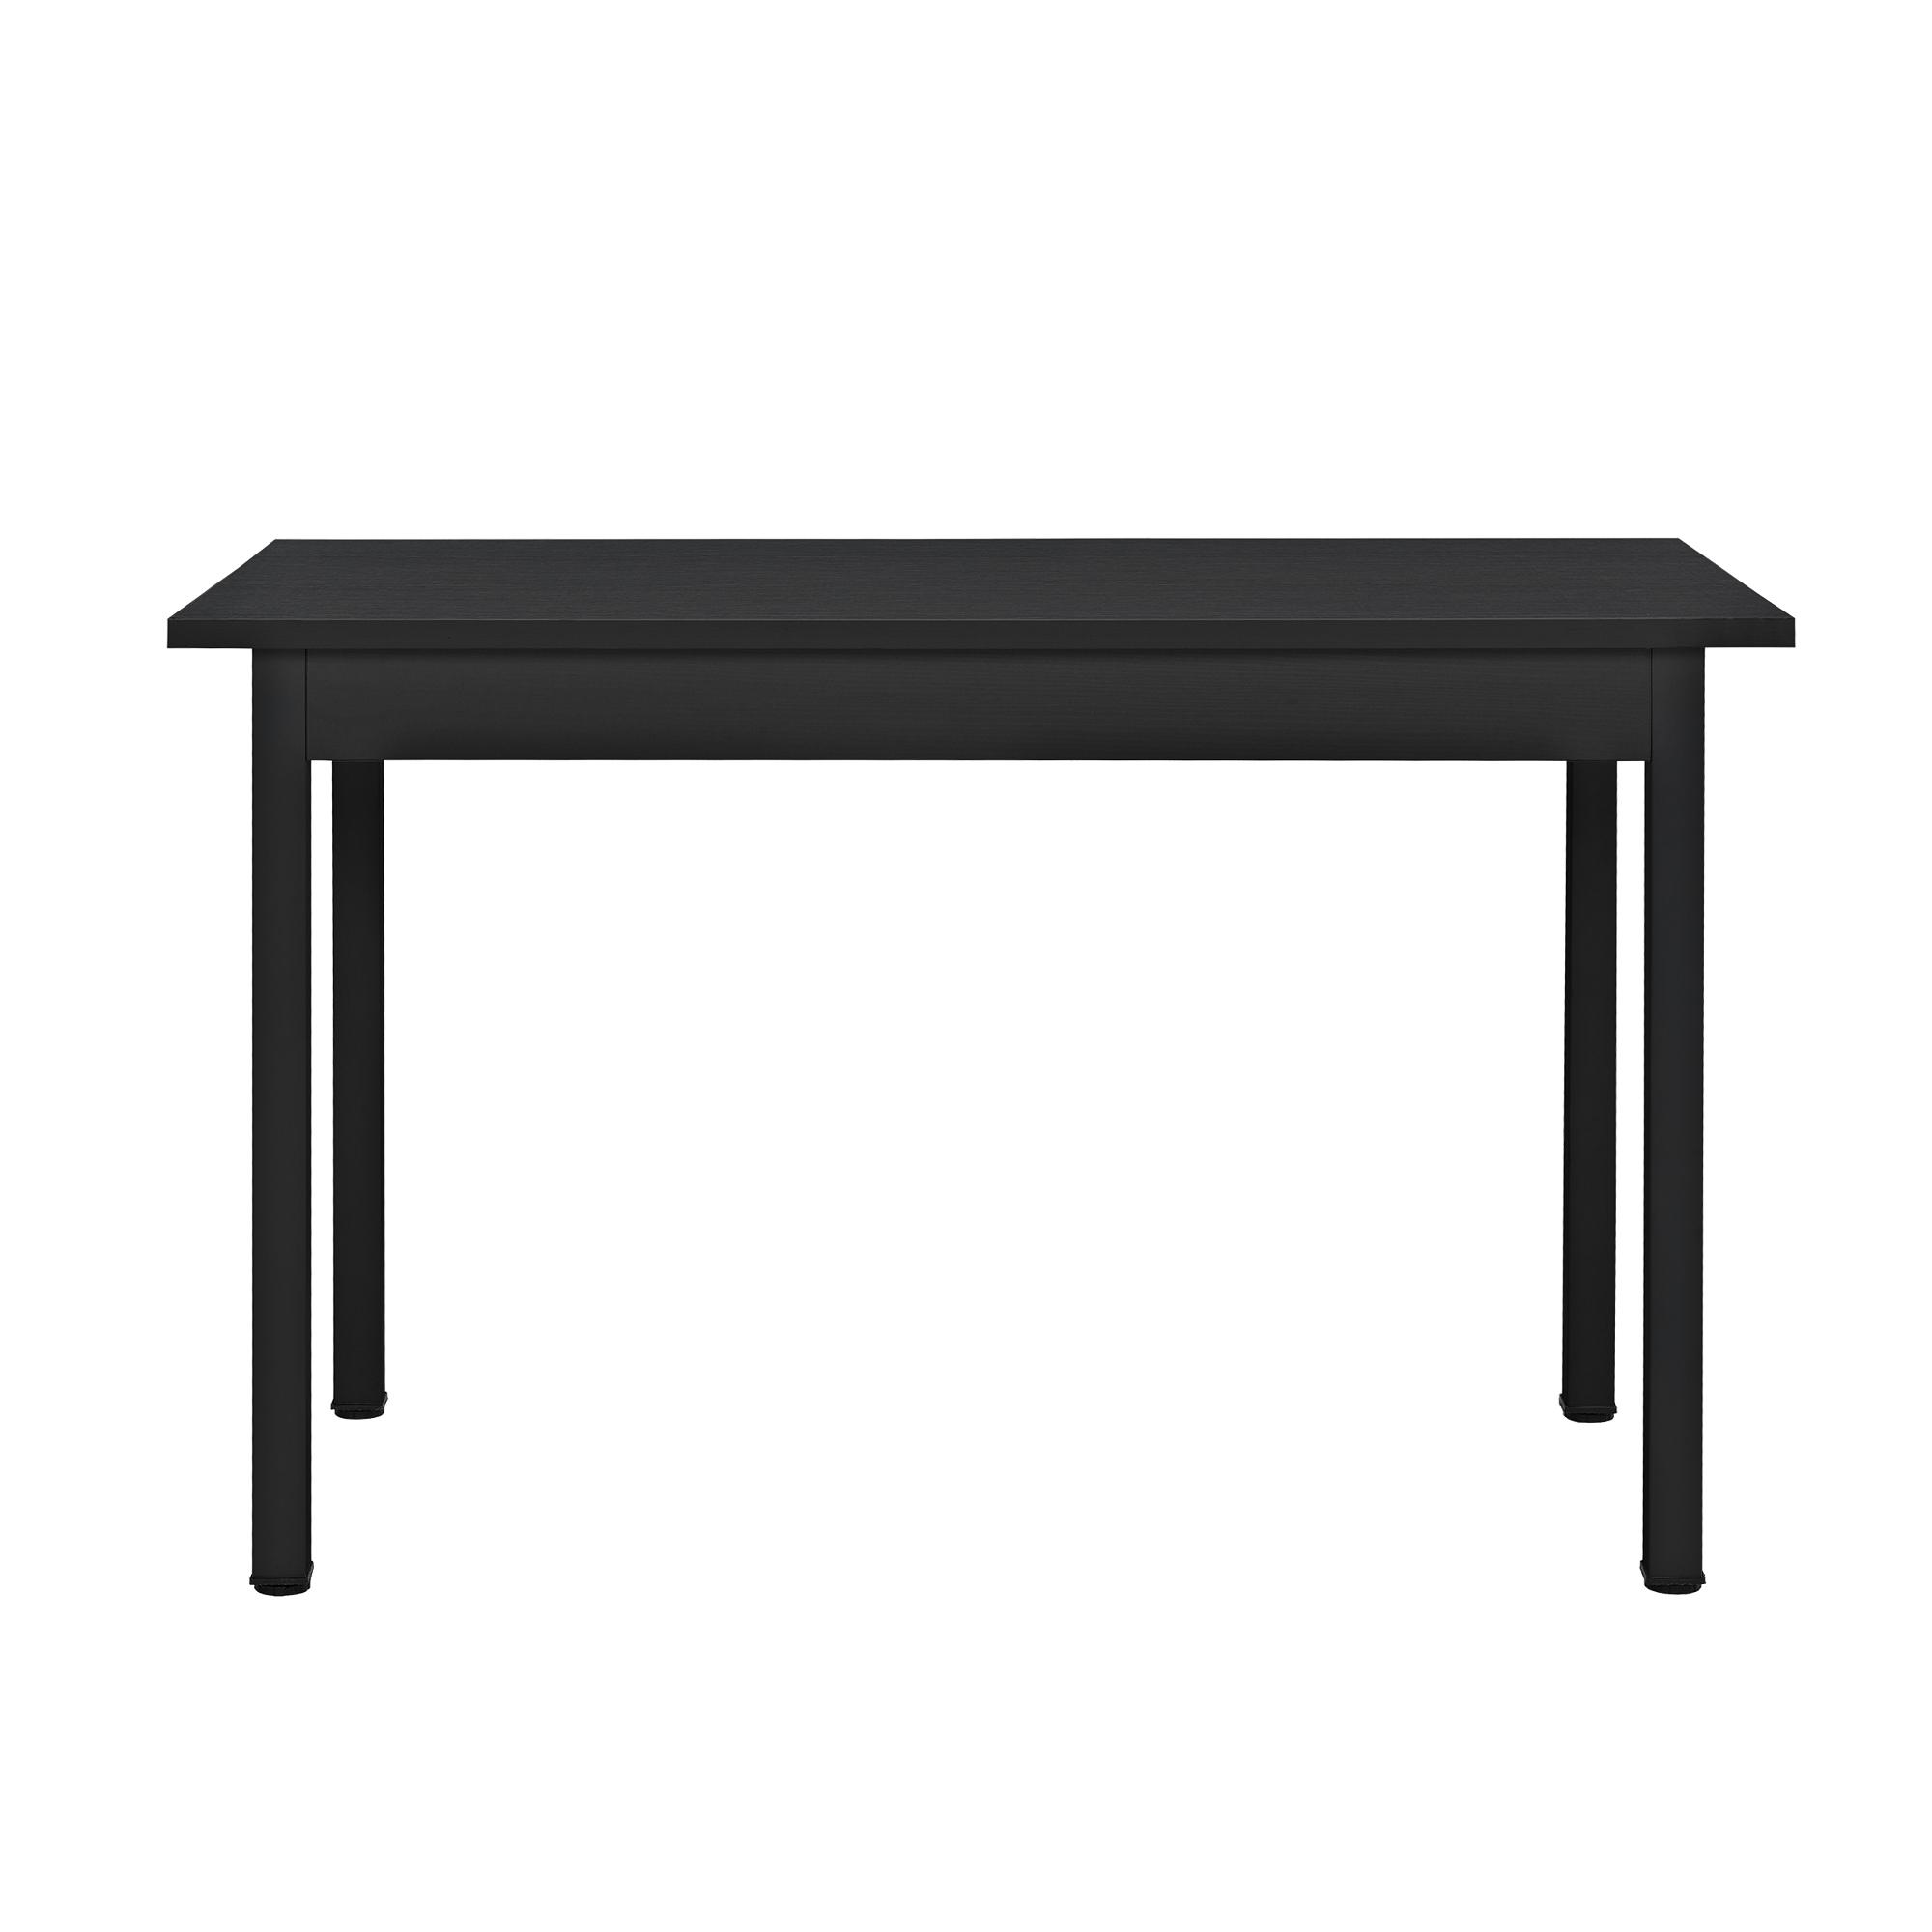 Tavolo da pranzo 4 sedie nere 120x60cm tavolo for Tavolo cucina 4 posti